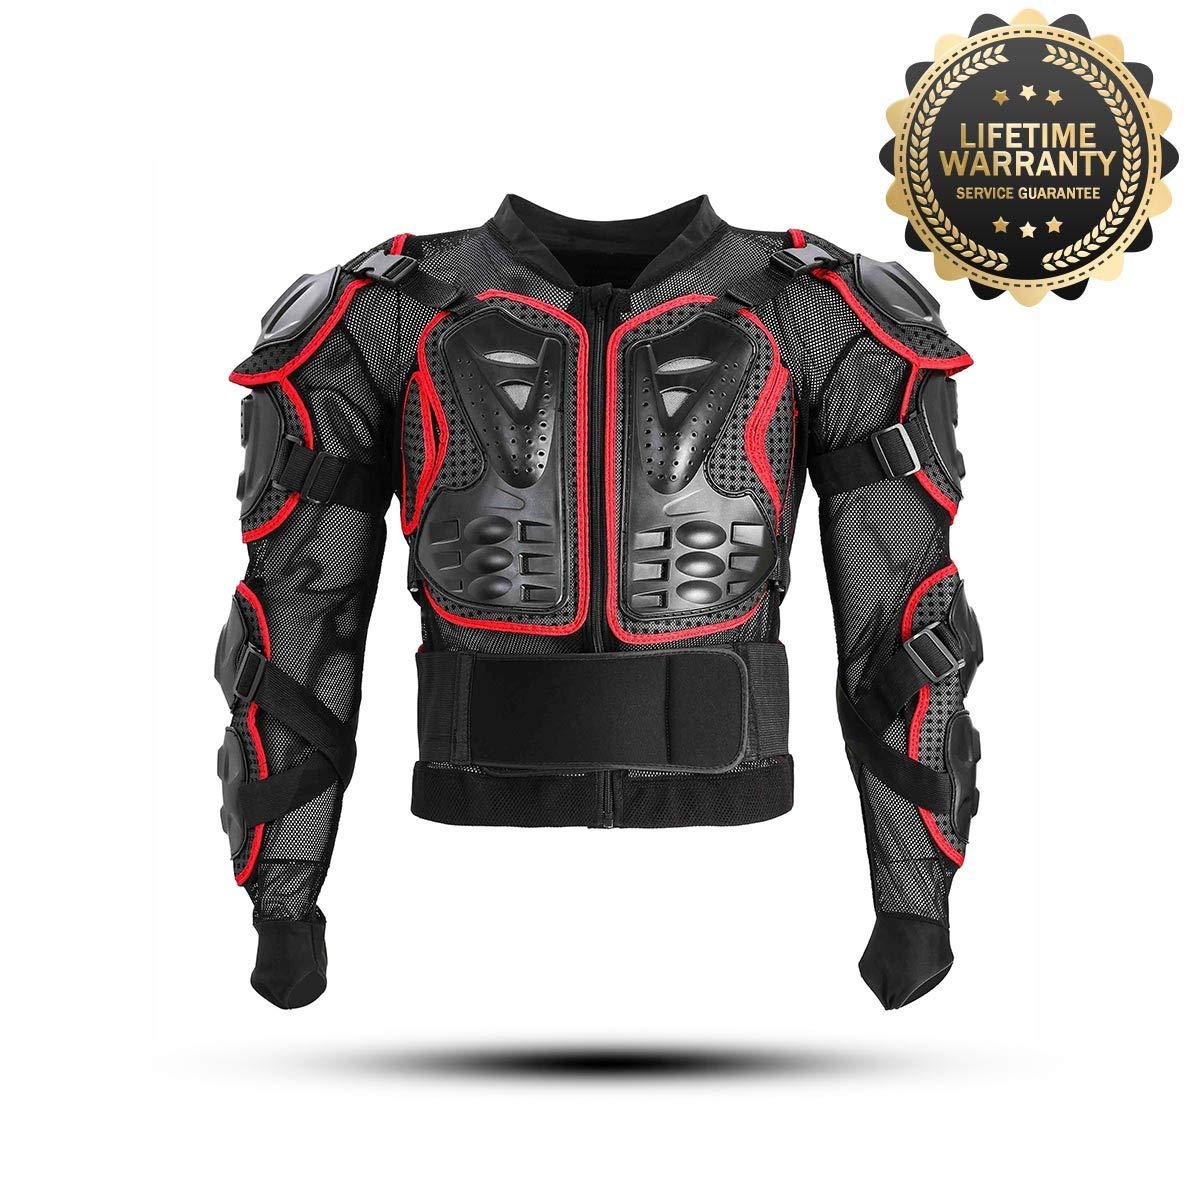 KINGUARD Chaqueta de Moto Chaqueta Protectora Cuerpo Armadura Profesional de Motocicleta Protecci/ón del Cuerpo Entero Spine Chest para Hombres Mujeres Rojo, XL